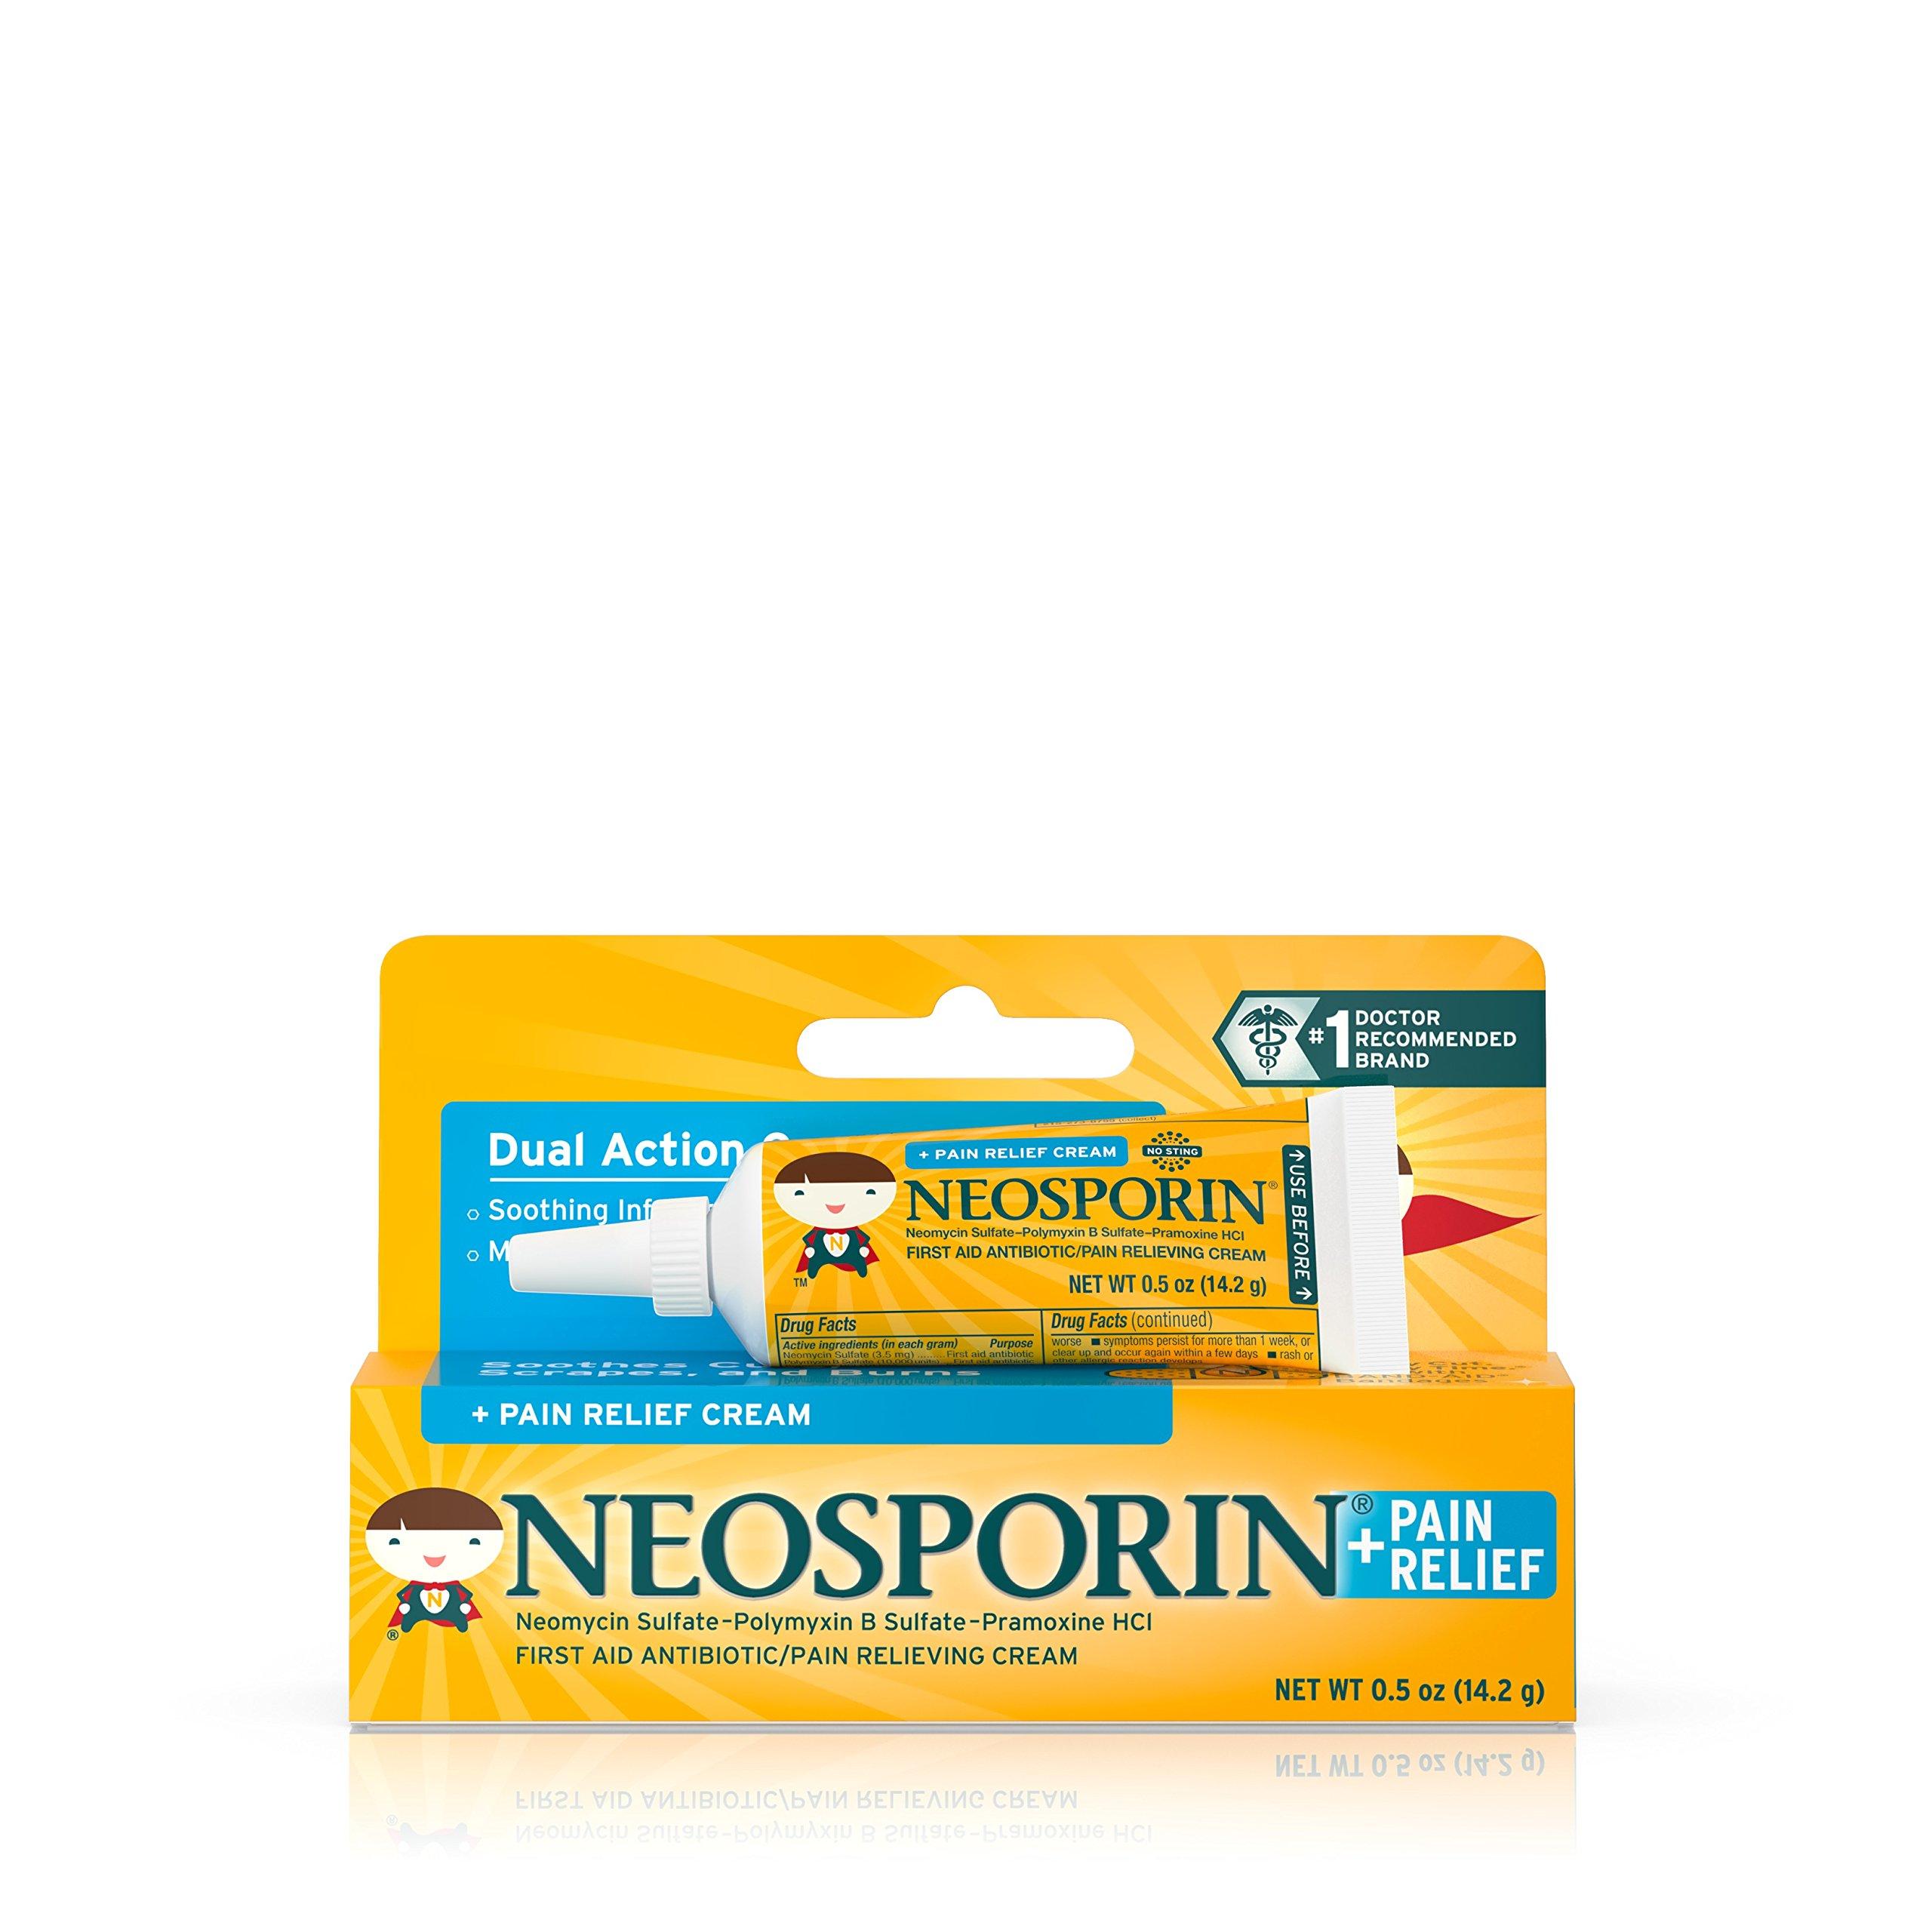 Neosporin + Pain Relief Cream 0.5 oz (Pack of 3)